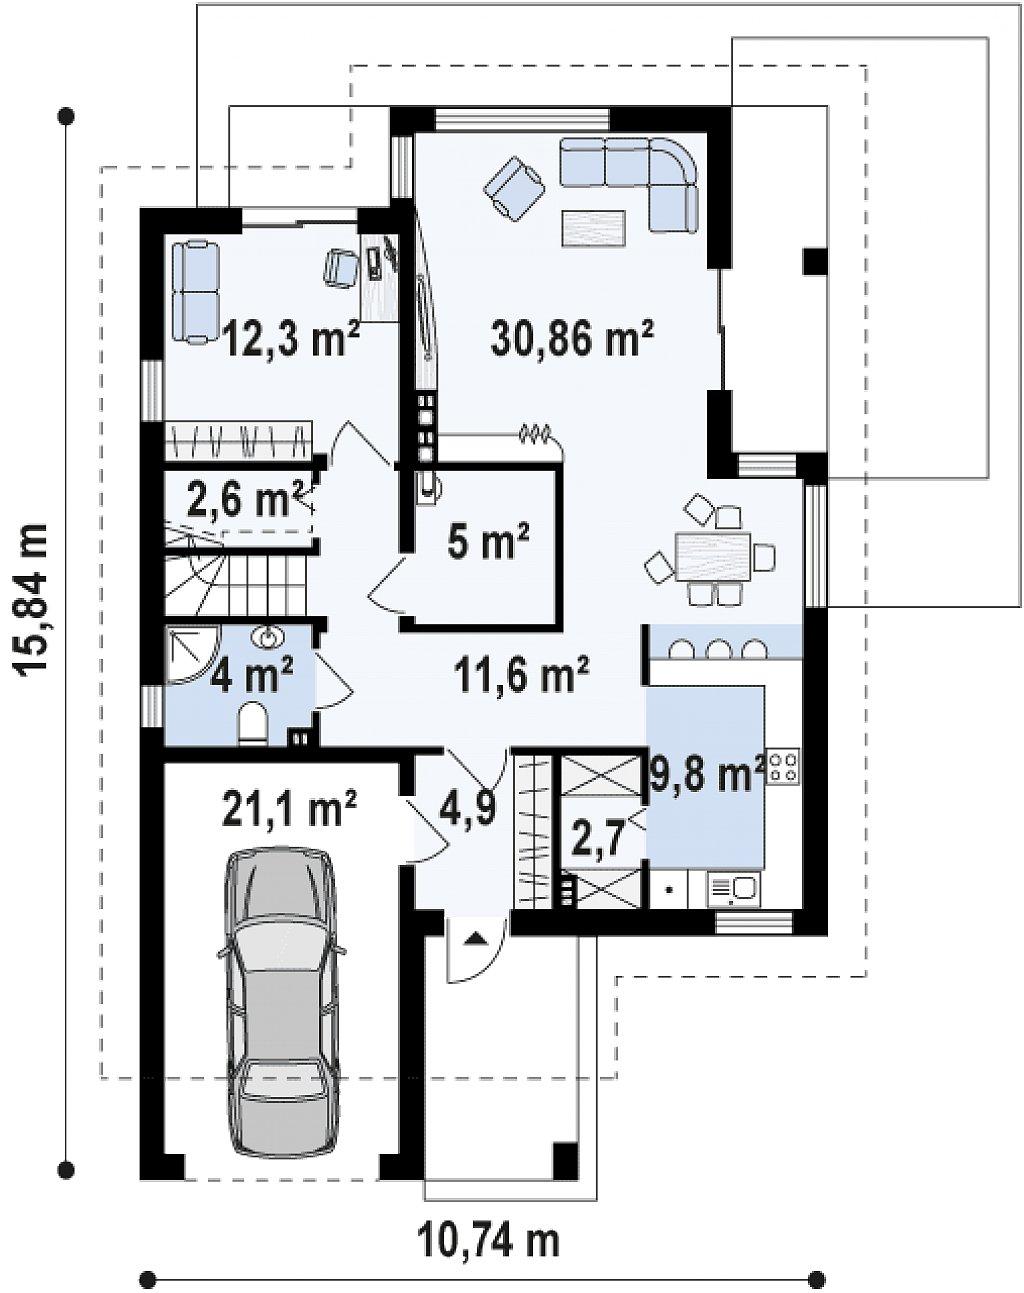 Необычные мансардные окна, фронтальный гараж и современные фасады выделяют этот проект среди остальных. план помещений 1